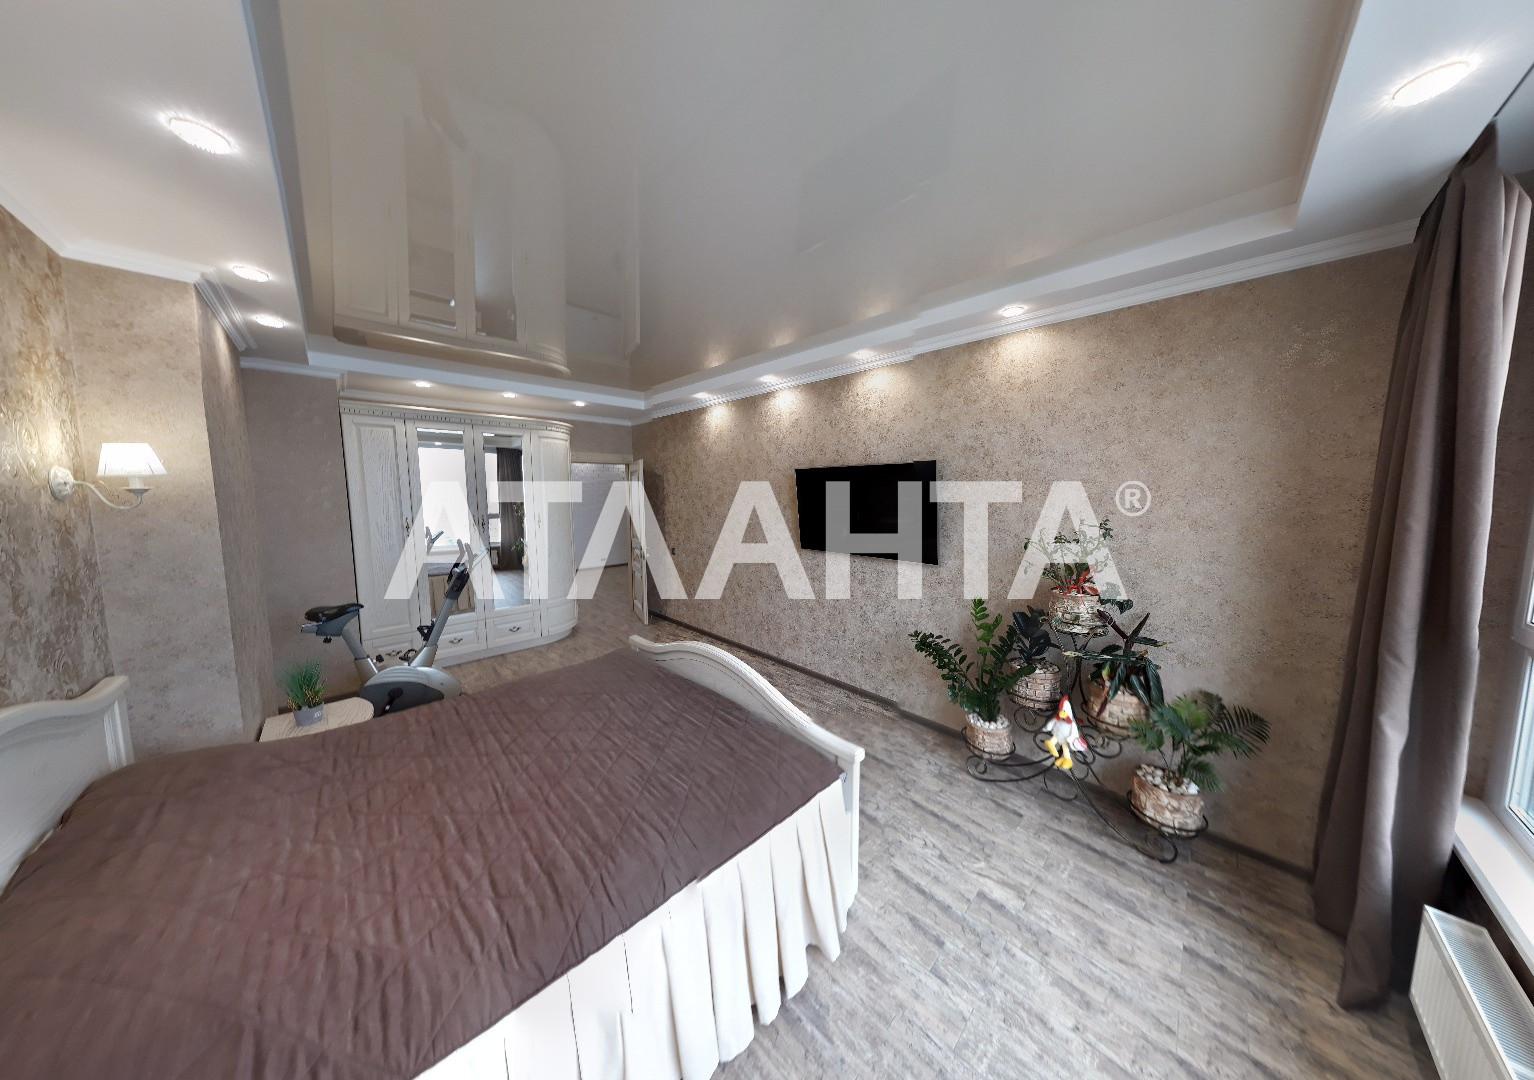 Продается 3-комнатная Квартира на ул. Конева — 165 000 у.е. (фото №8)